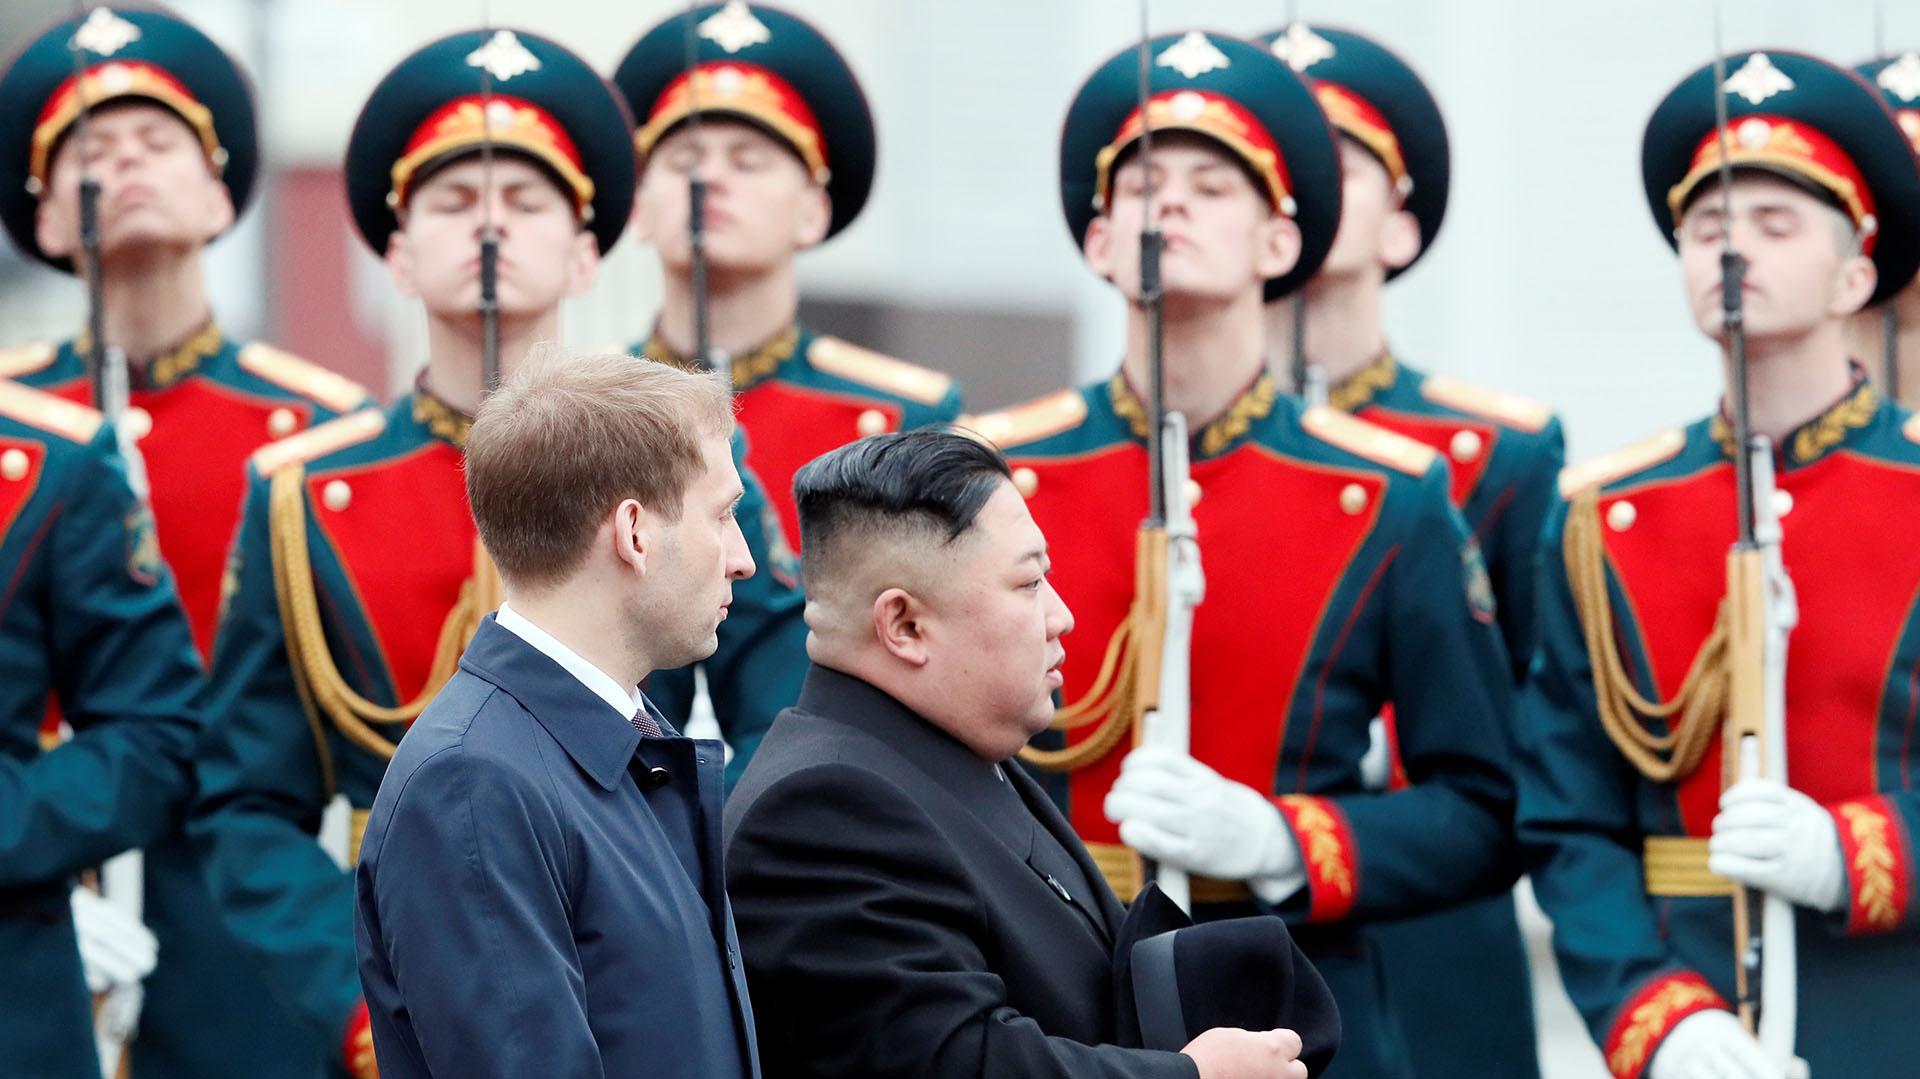 El líder norcoreano Kim Jong-un fue recibido con honores militares en la estación de trenes de Vladivostok (REUTERS/Shamil Zhumatov)